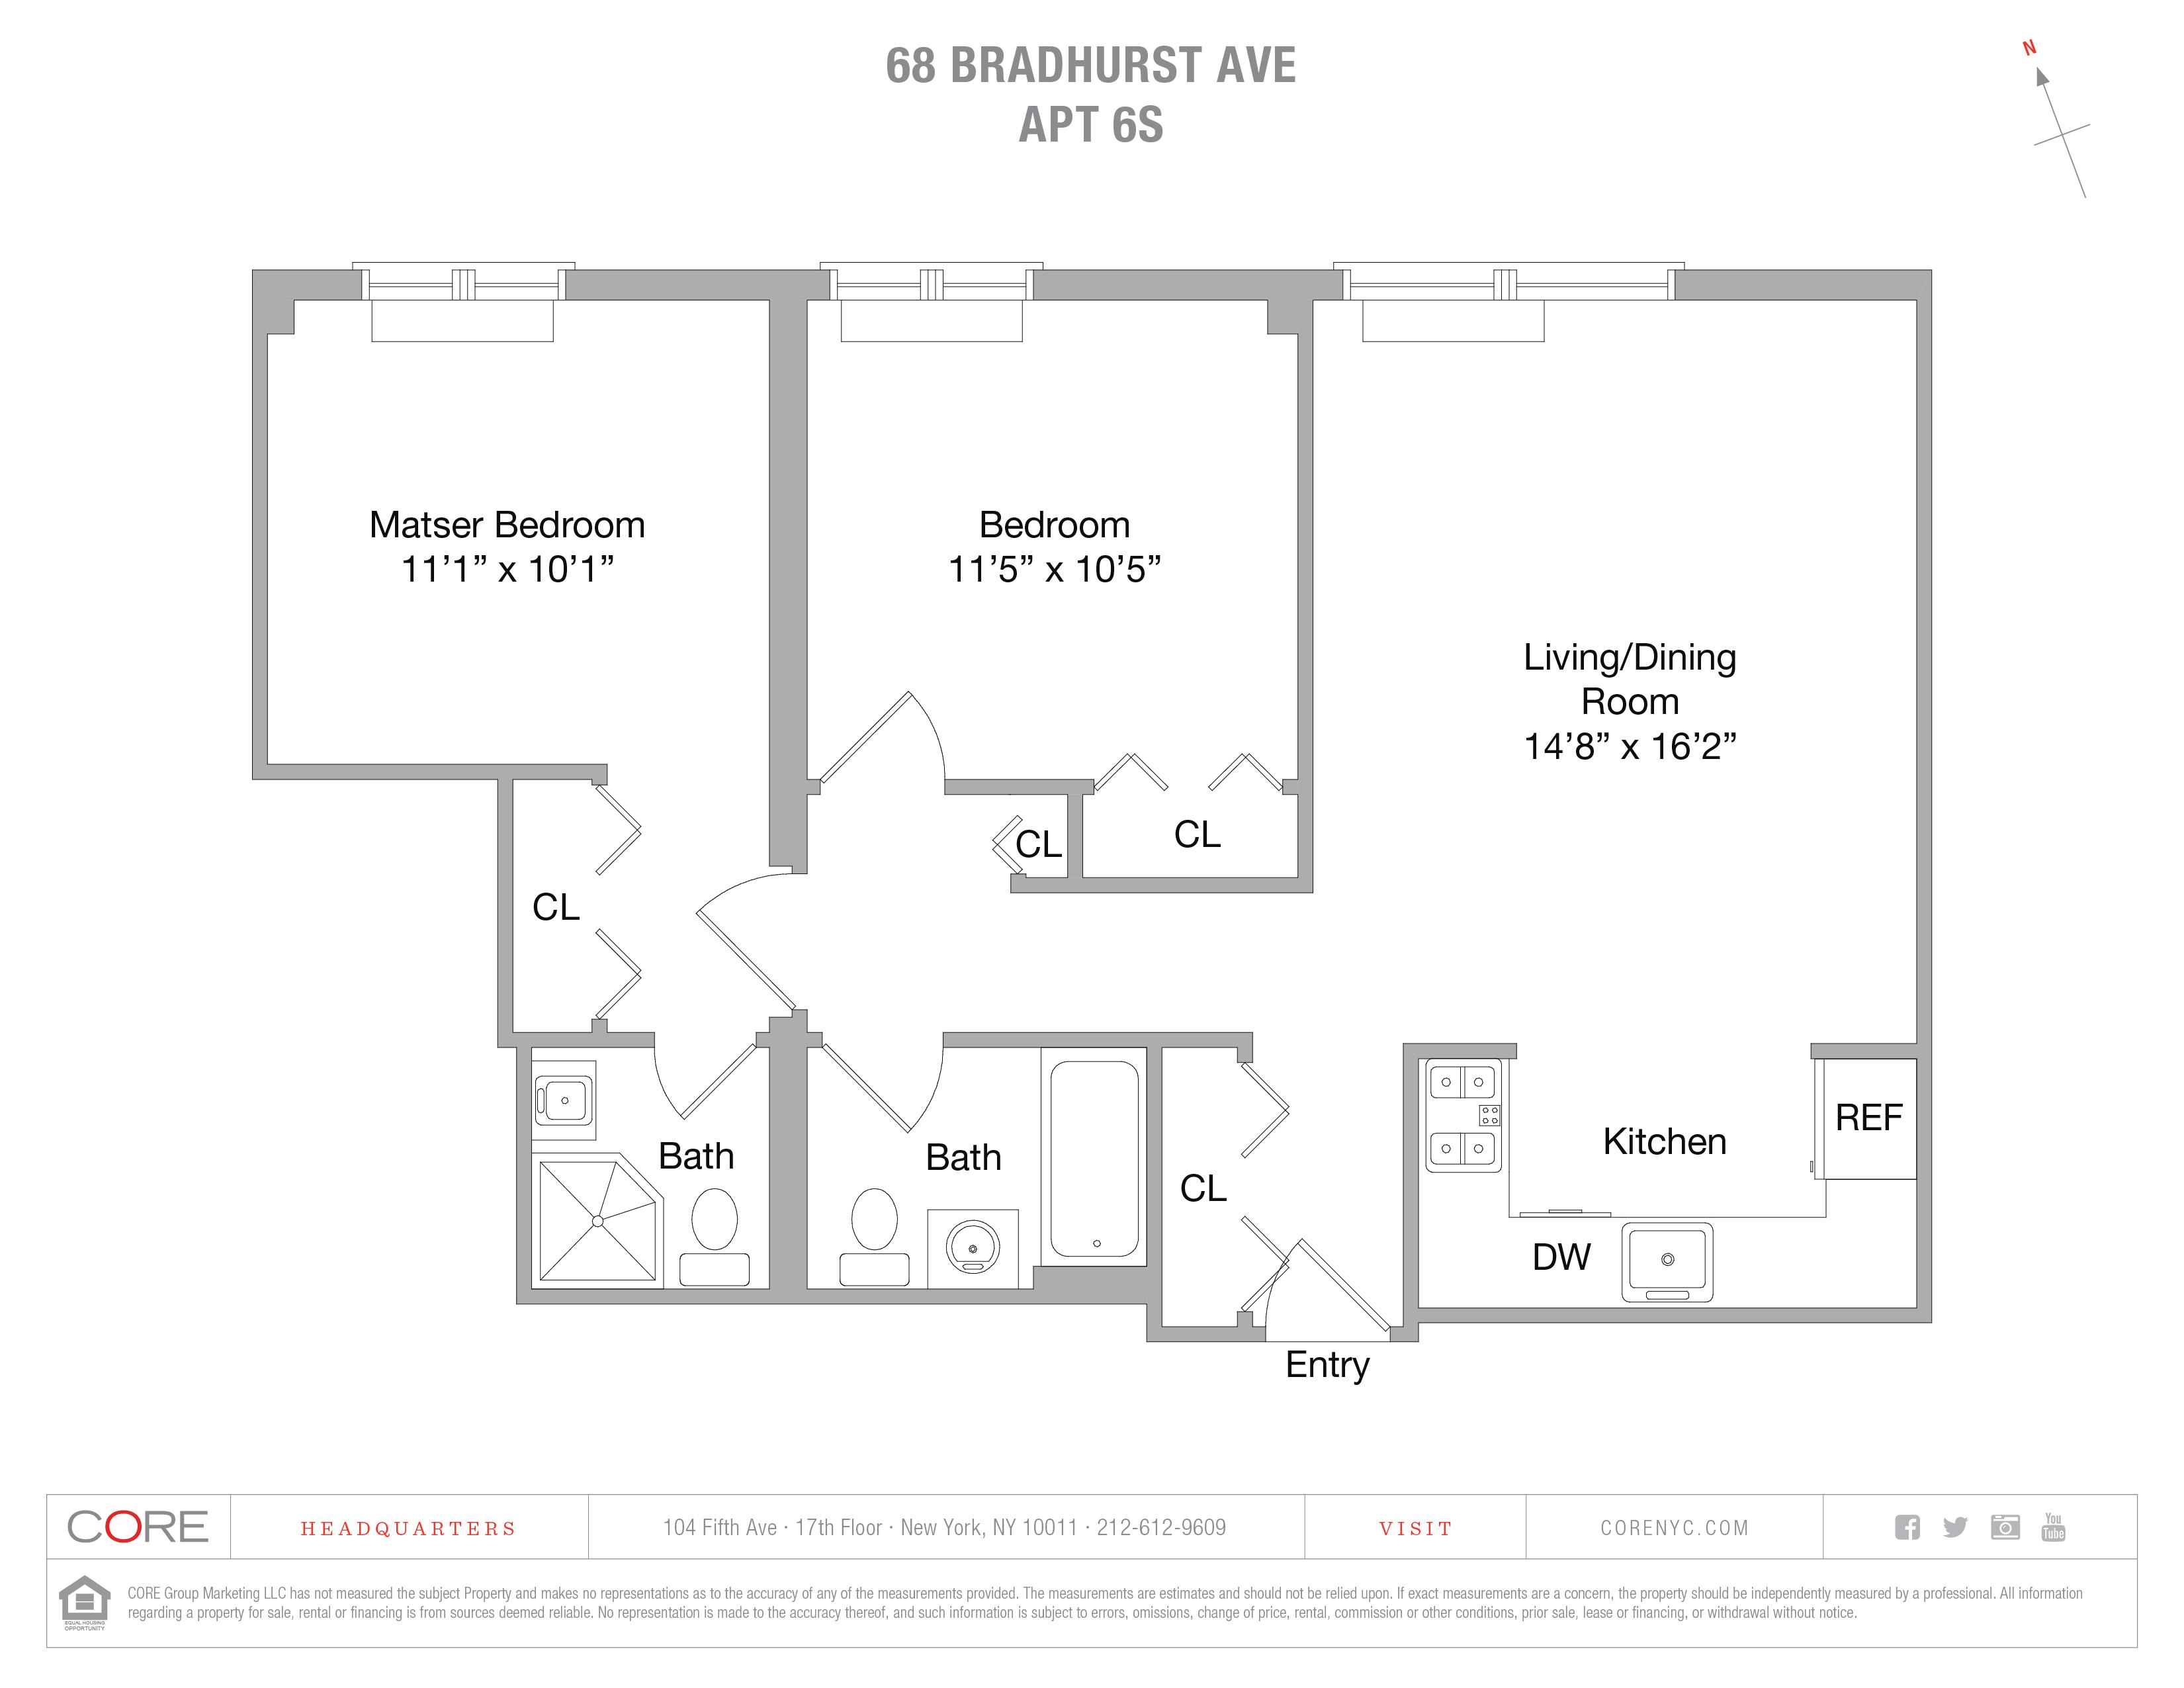 68 Bradhurst Ave. 6S, New York, NY 10030